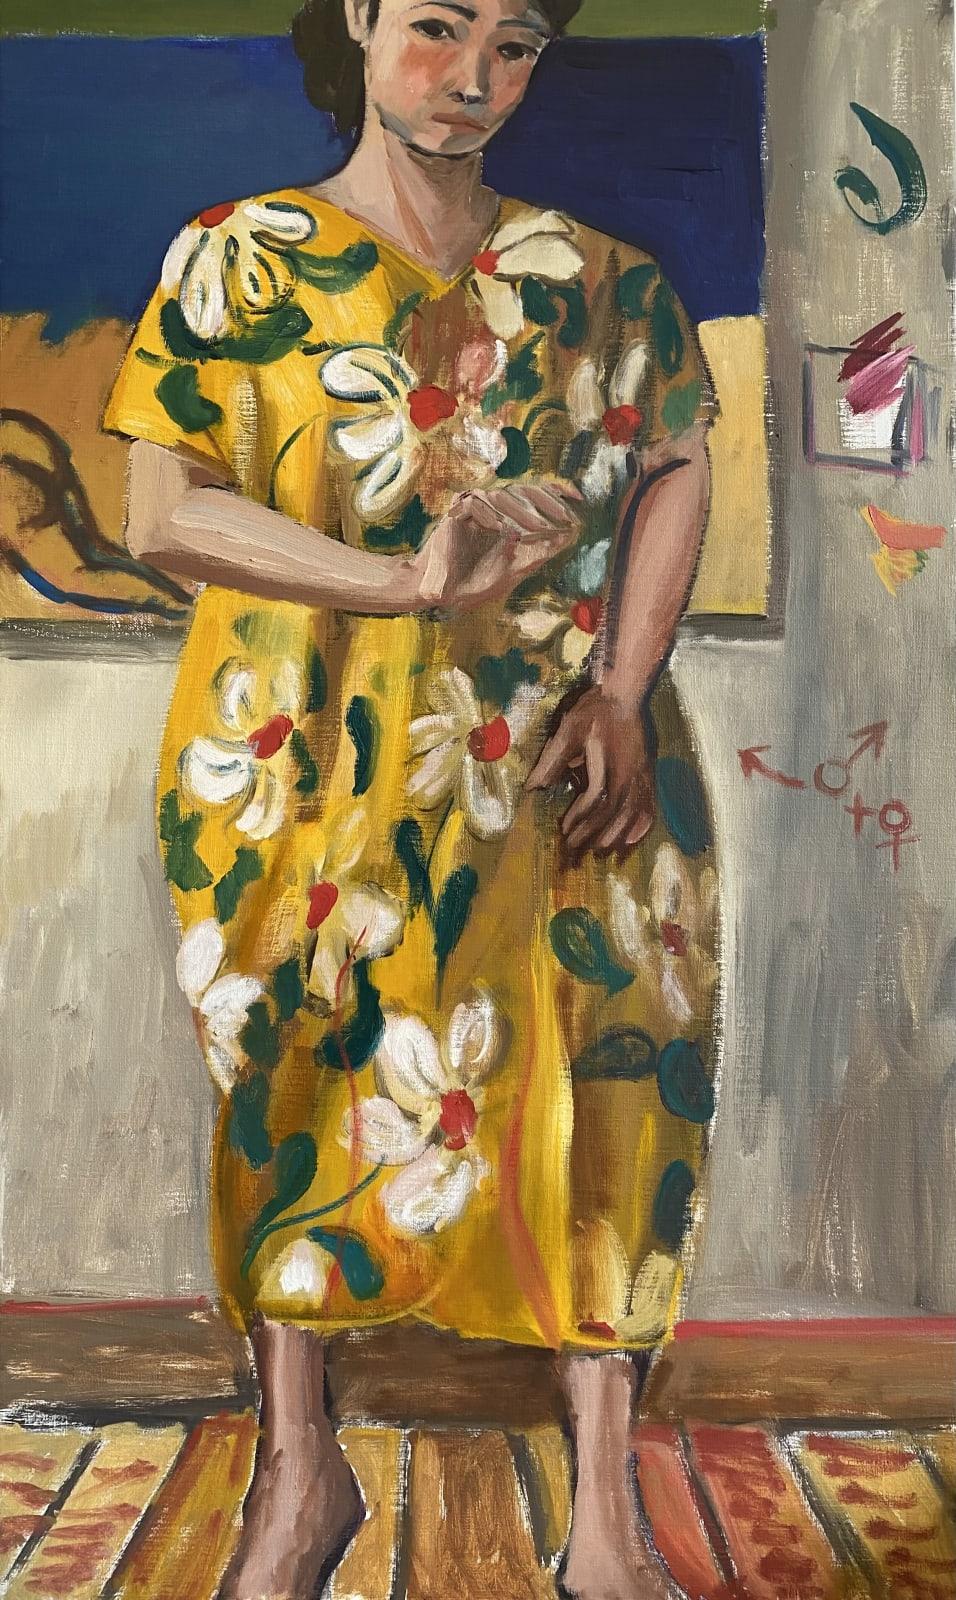 Xiao-Yang Li, Self Portrait as a pregnant woman